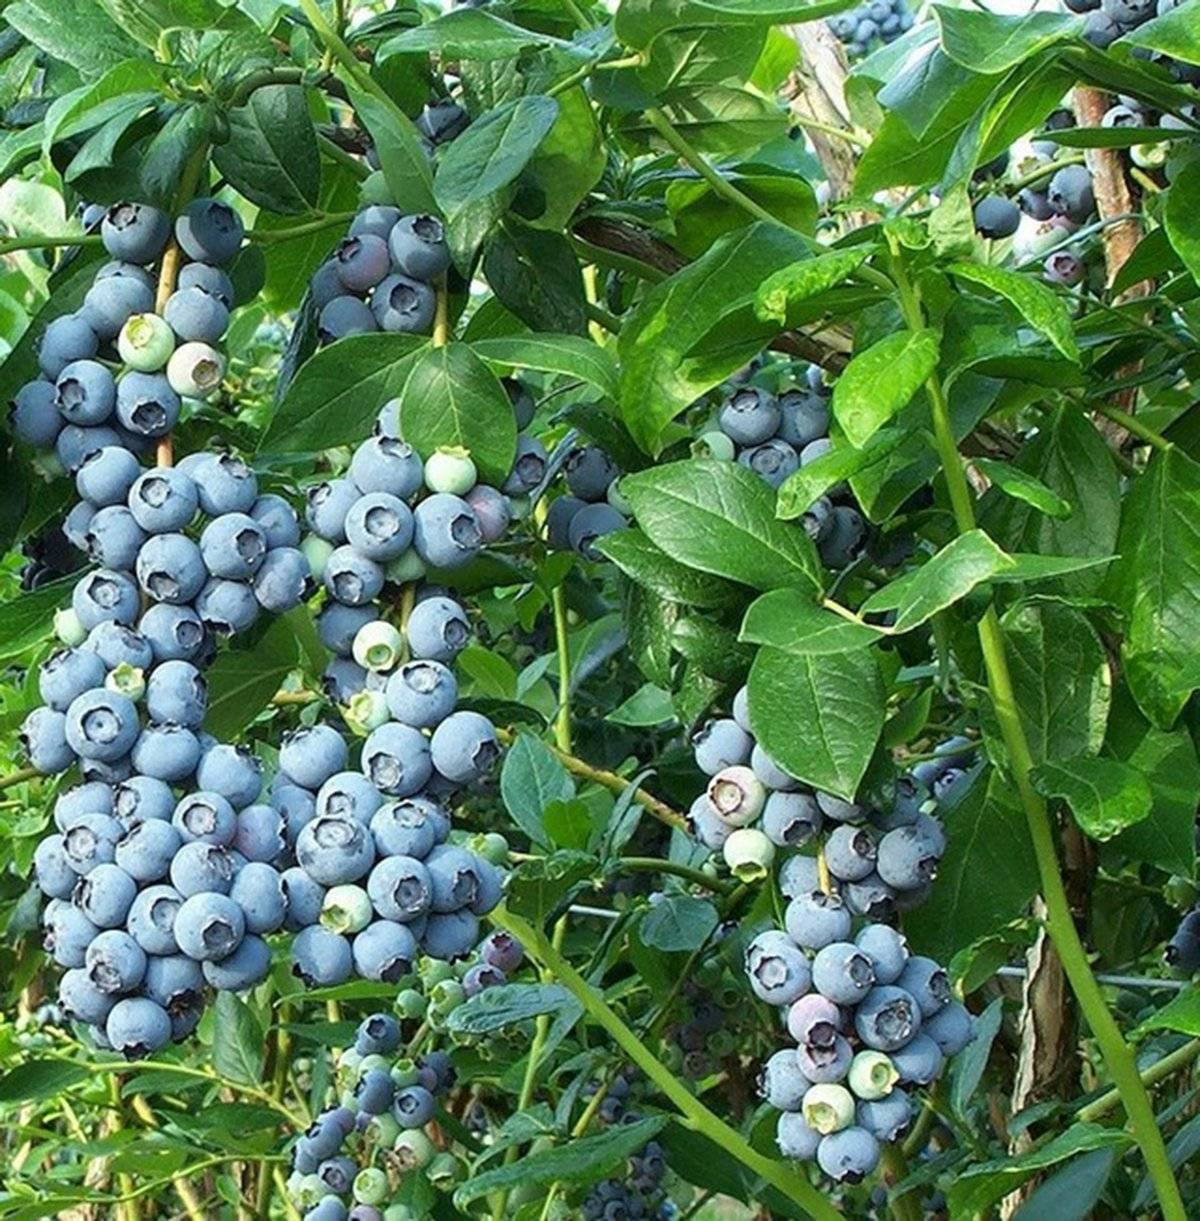 Садовая голубика — лесное чудо. уход, выращивание, размножение. плодово-ягодные. фото — ботаничка.ru